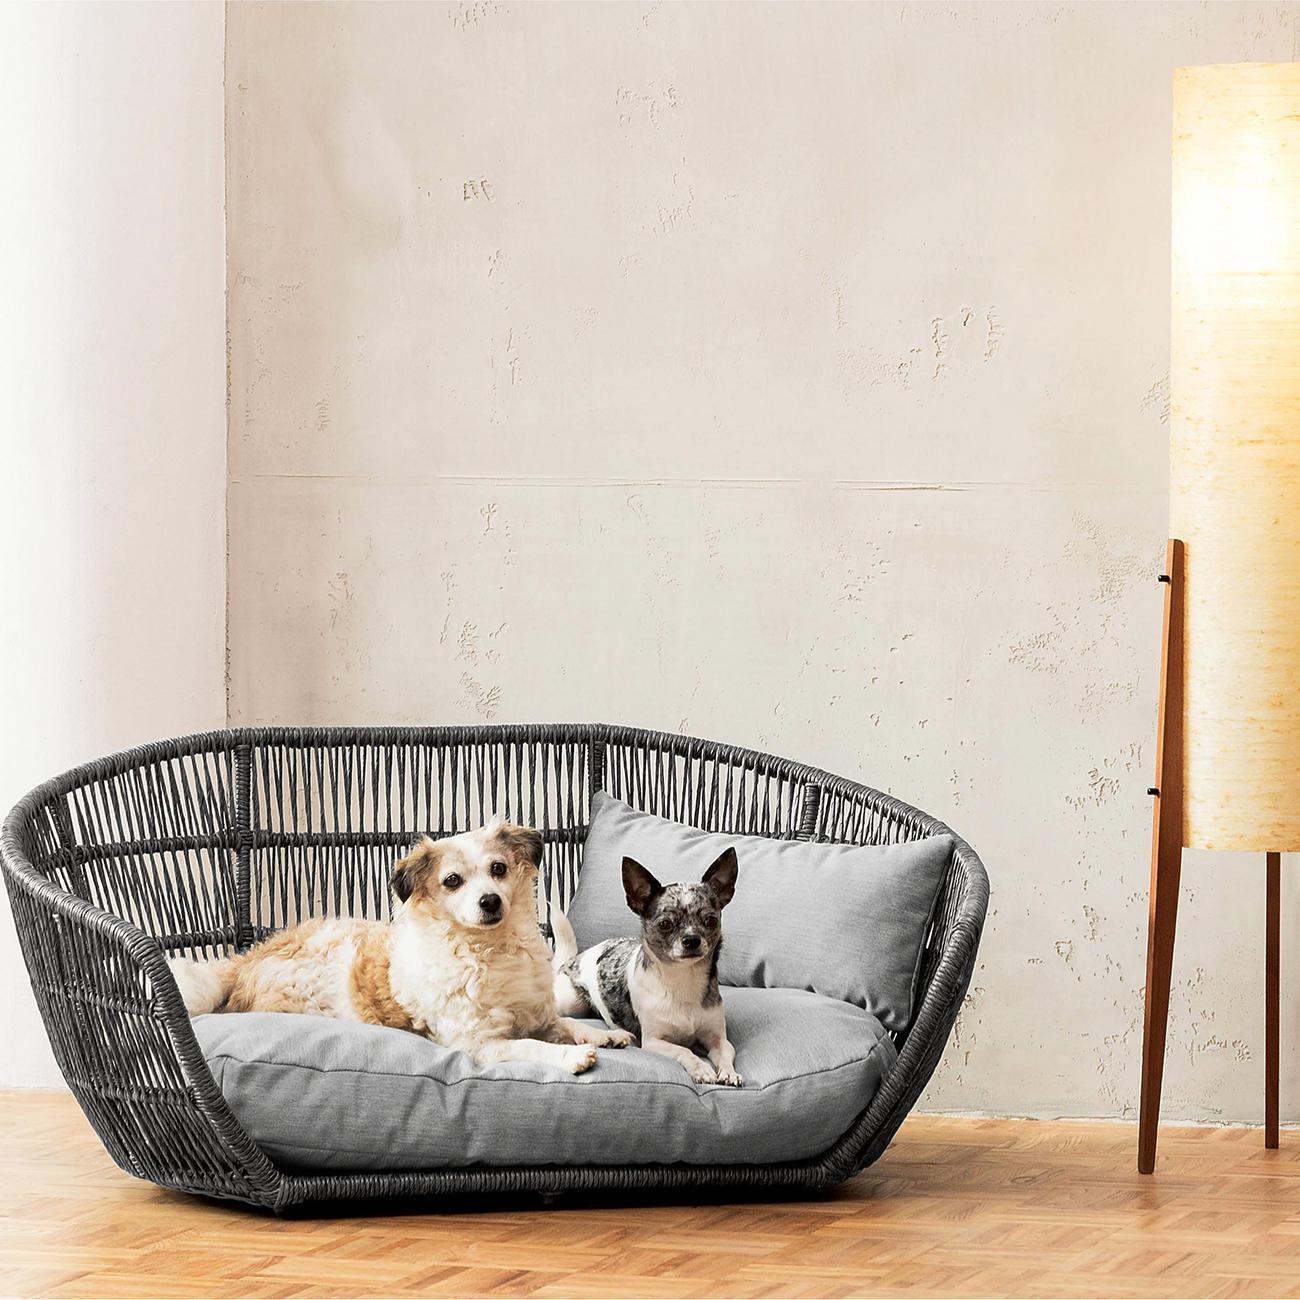 Full Size of Laboni Prado Design Lounge Bett Podest Funktions Gebrauchte Betten Massiv Krankenhaus Ohne Füße 80x200 Aus Paletten Kaufen Erhöhtes Hohes Minimalistisch Bett Hunde Bett